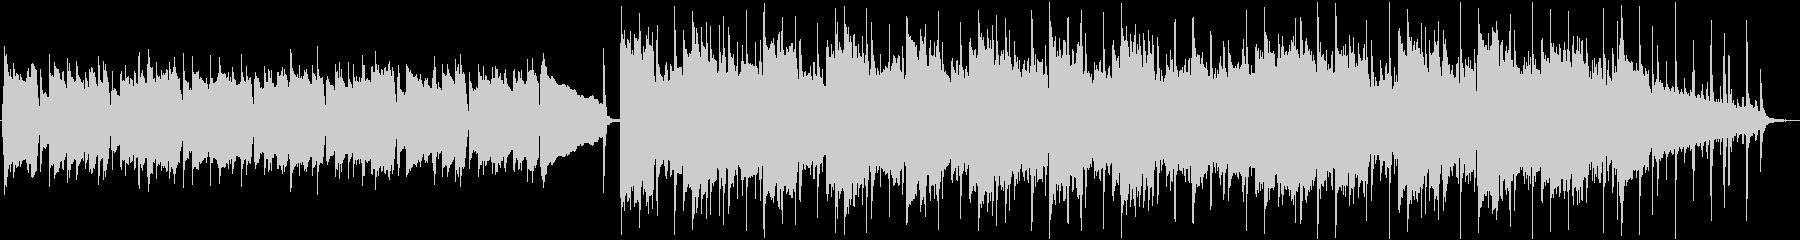 企業VP 爽やかなアコギとピアノ 60秒の未再生の波形